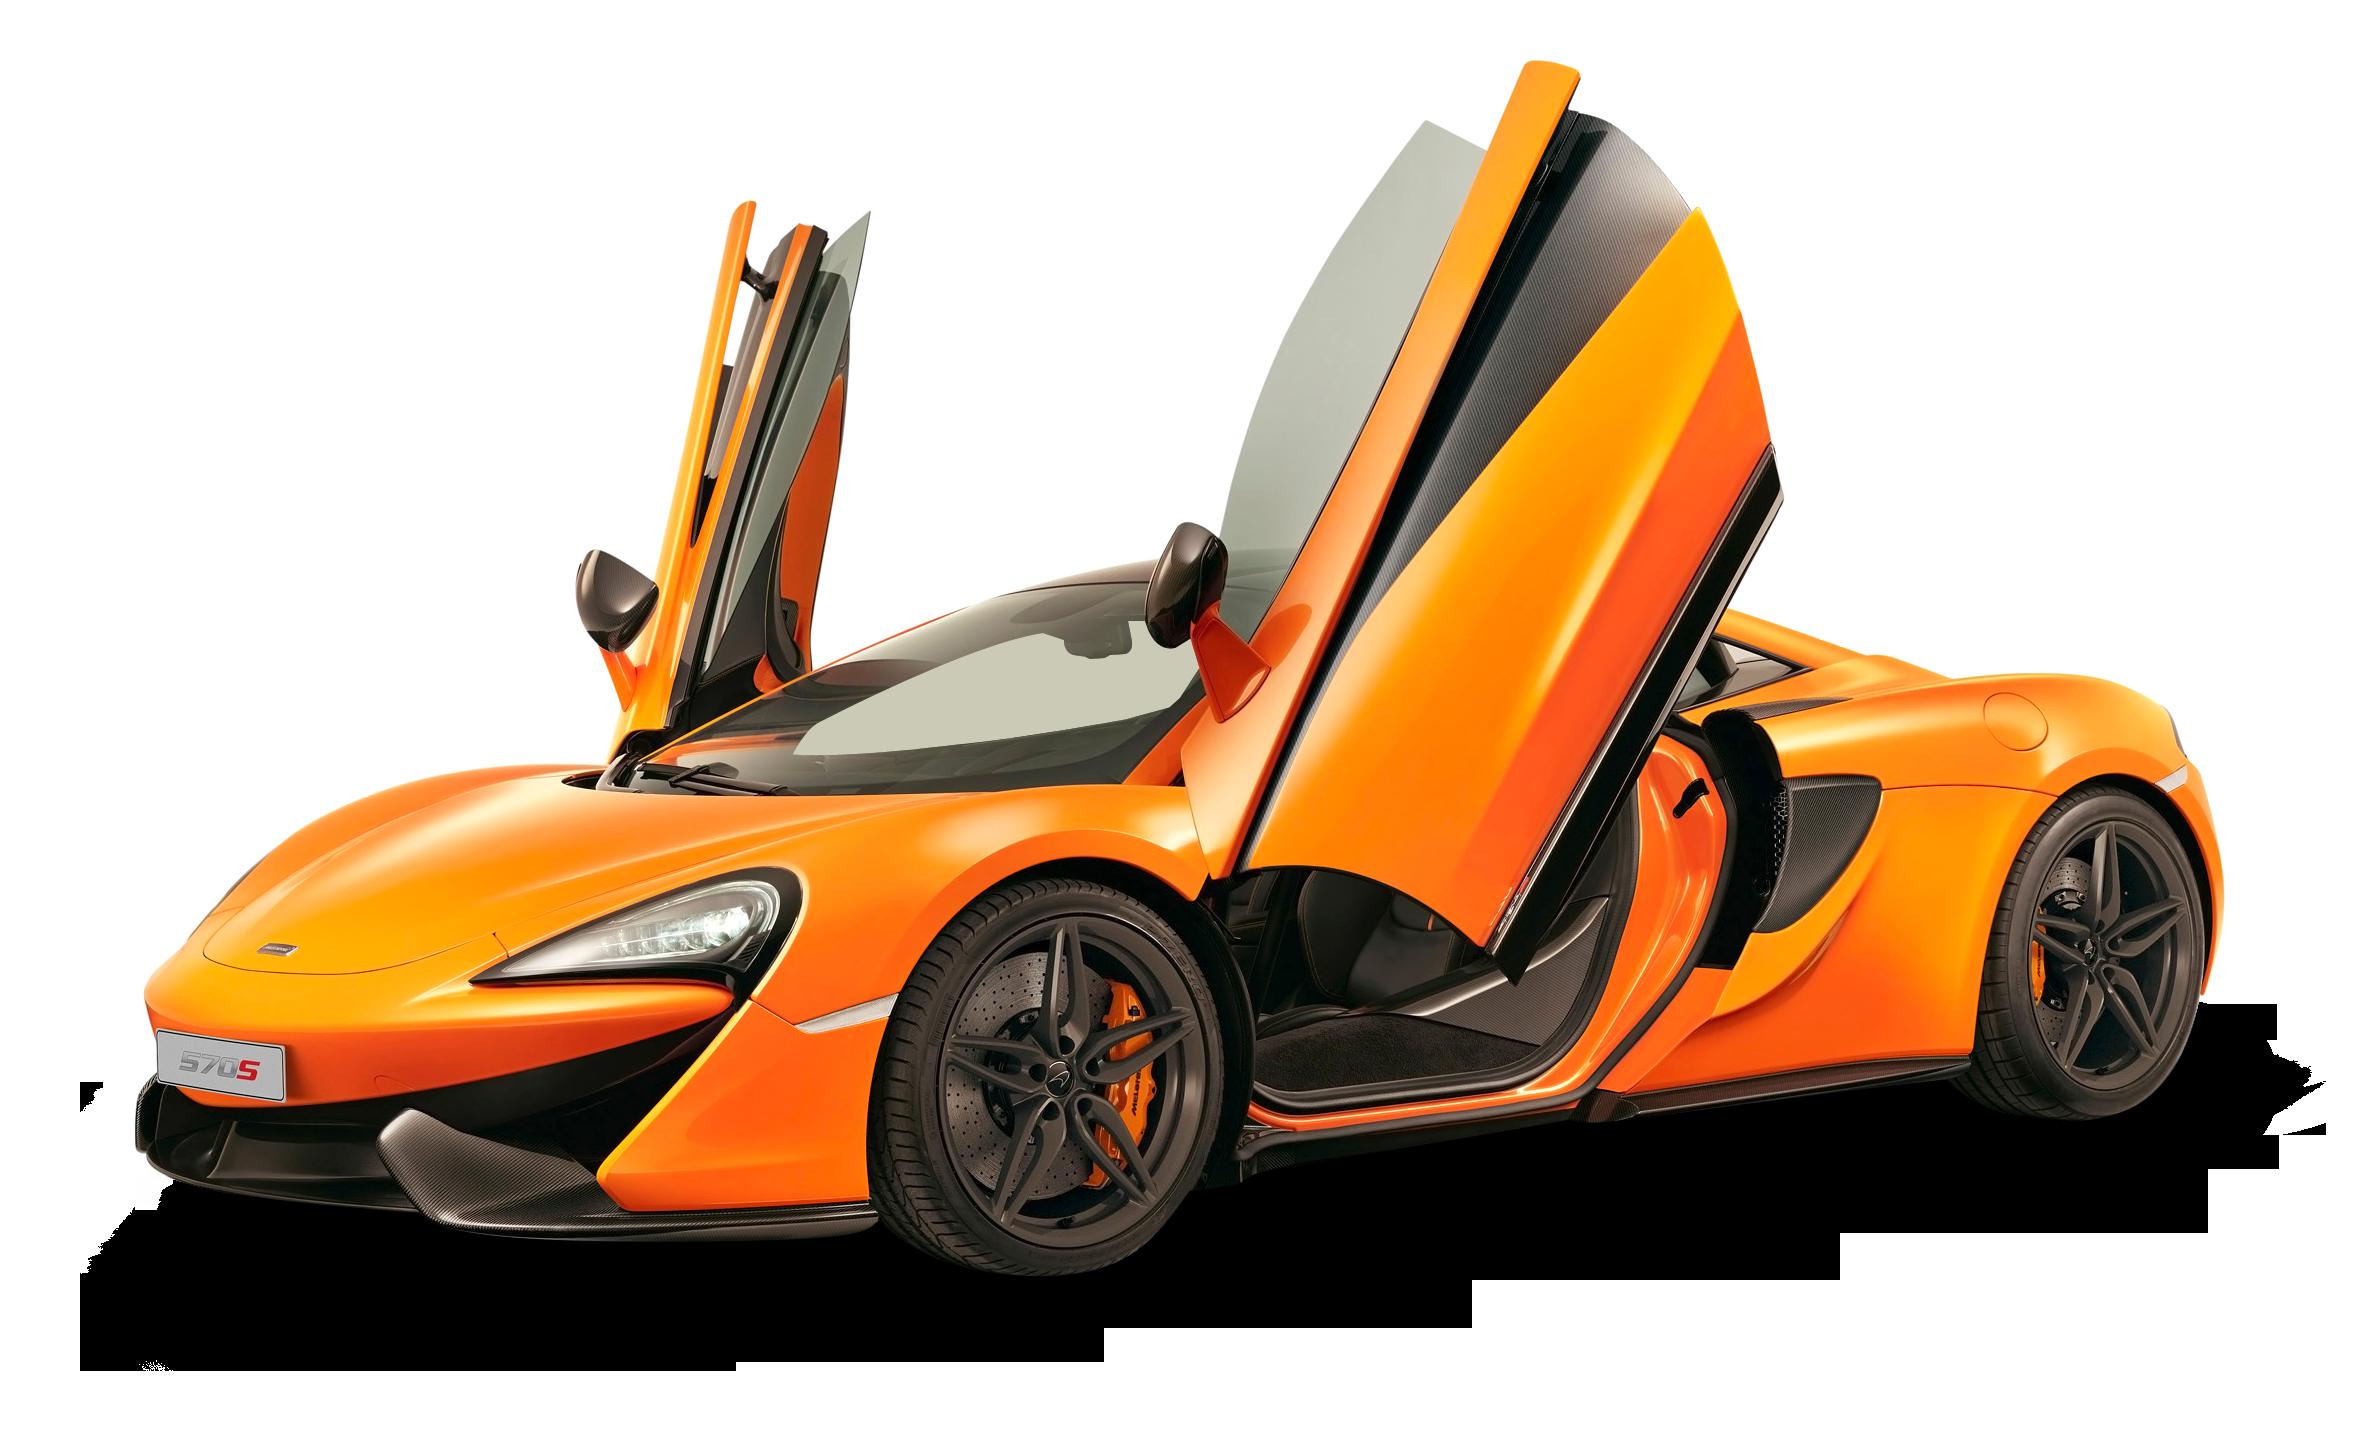 McLaren 650S GT Orange Car